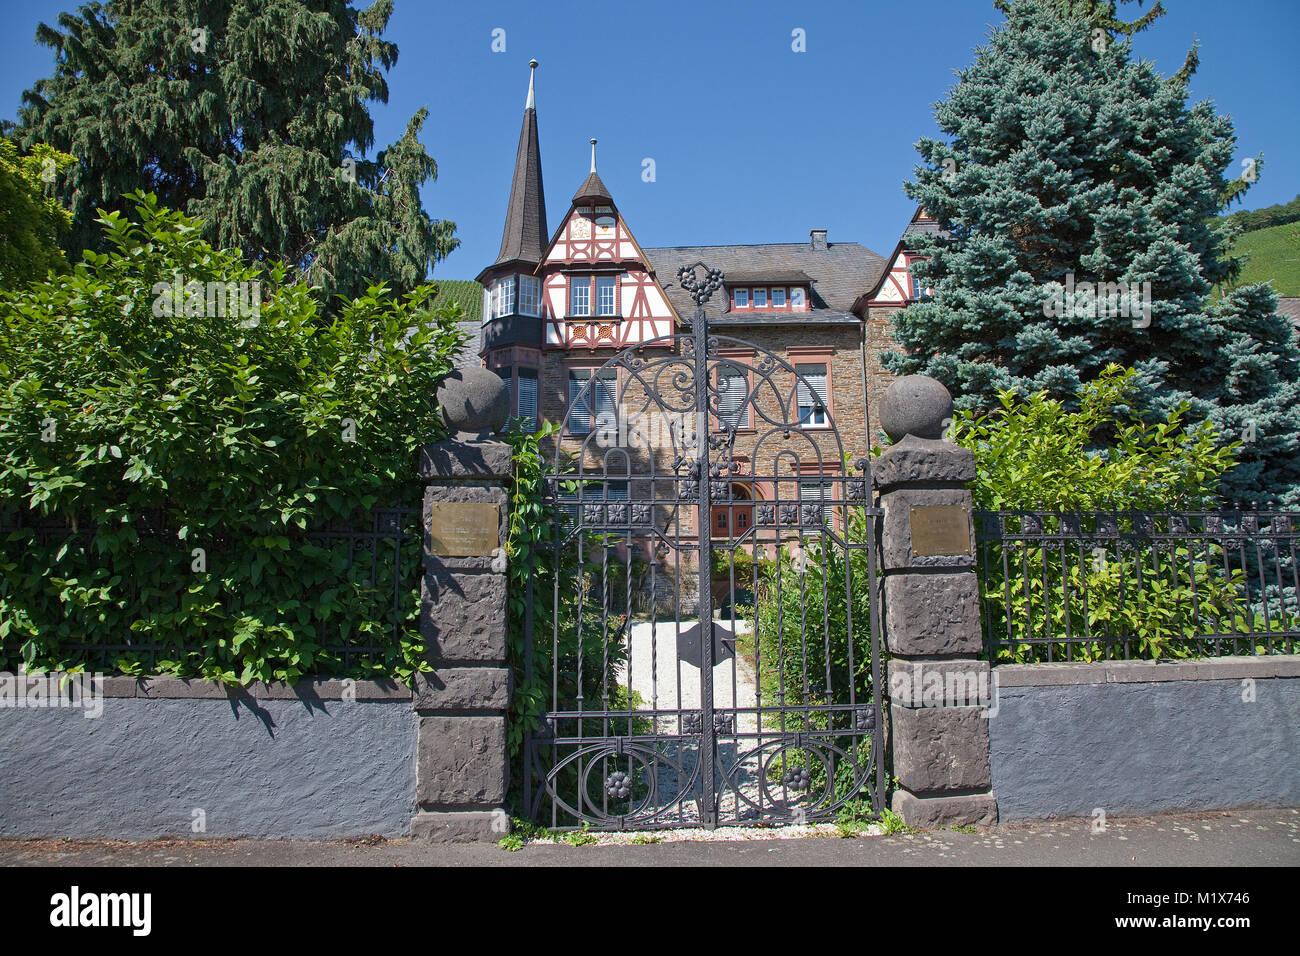 Einzellage Berres bei weindorf Uerzig, Mosel, Rheinland-Pfalz, Deutschland, Europa Stockbild